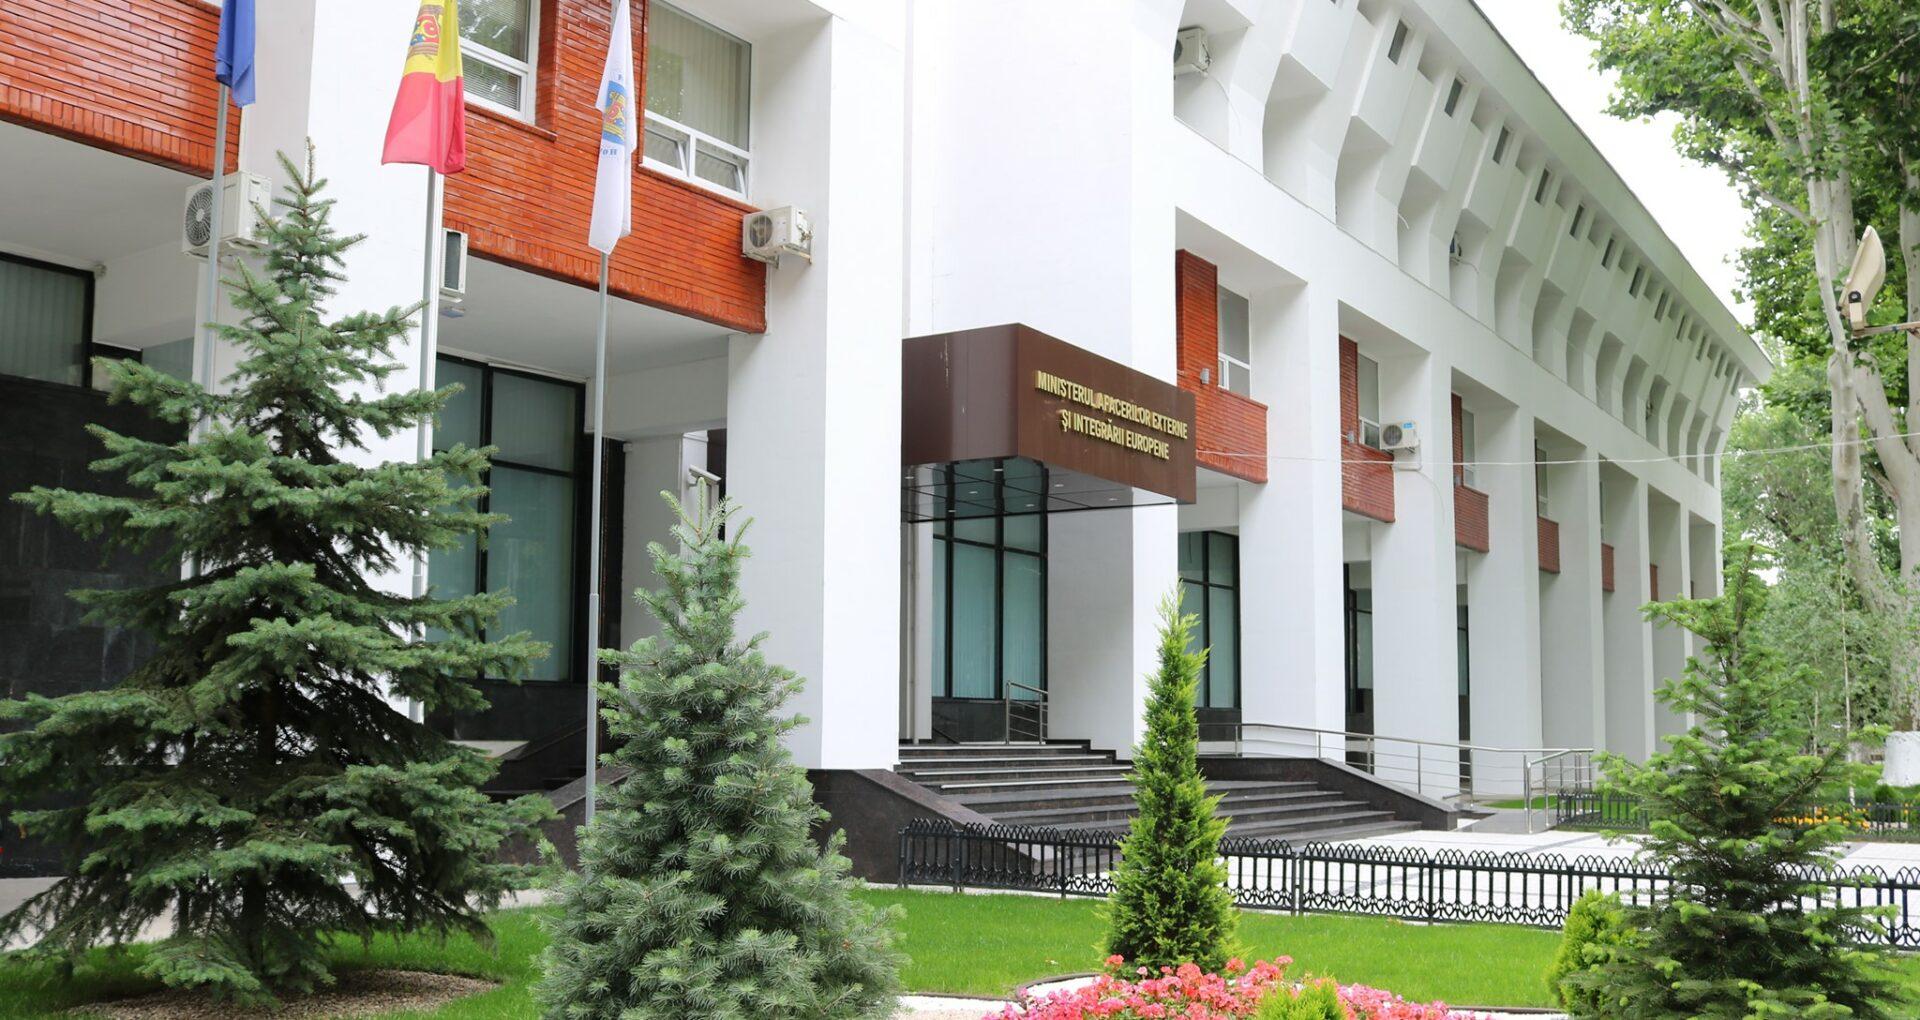 Marea Britanie ar fi intenționat să trimită solicitanți de azil în R. Moldova. Ce spune MAEIE